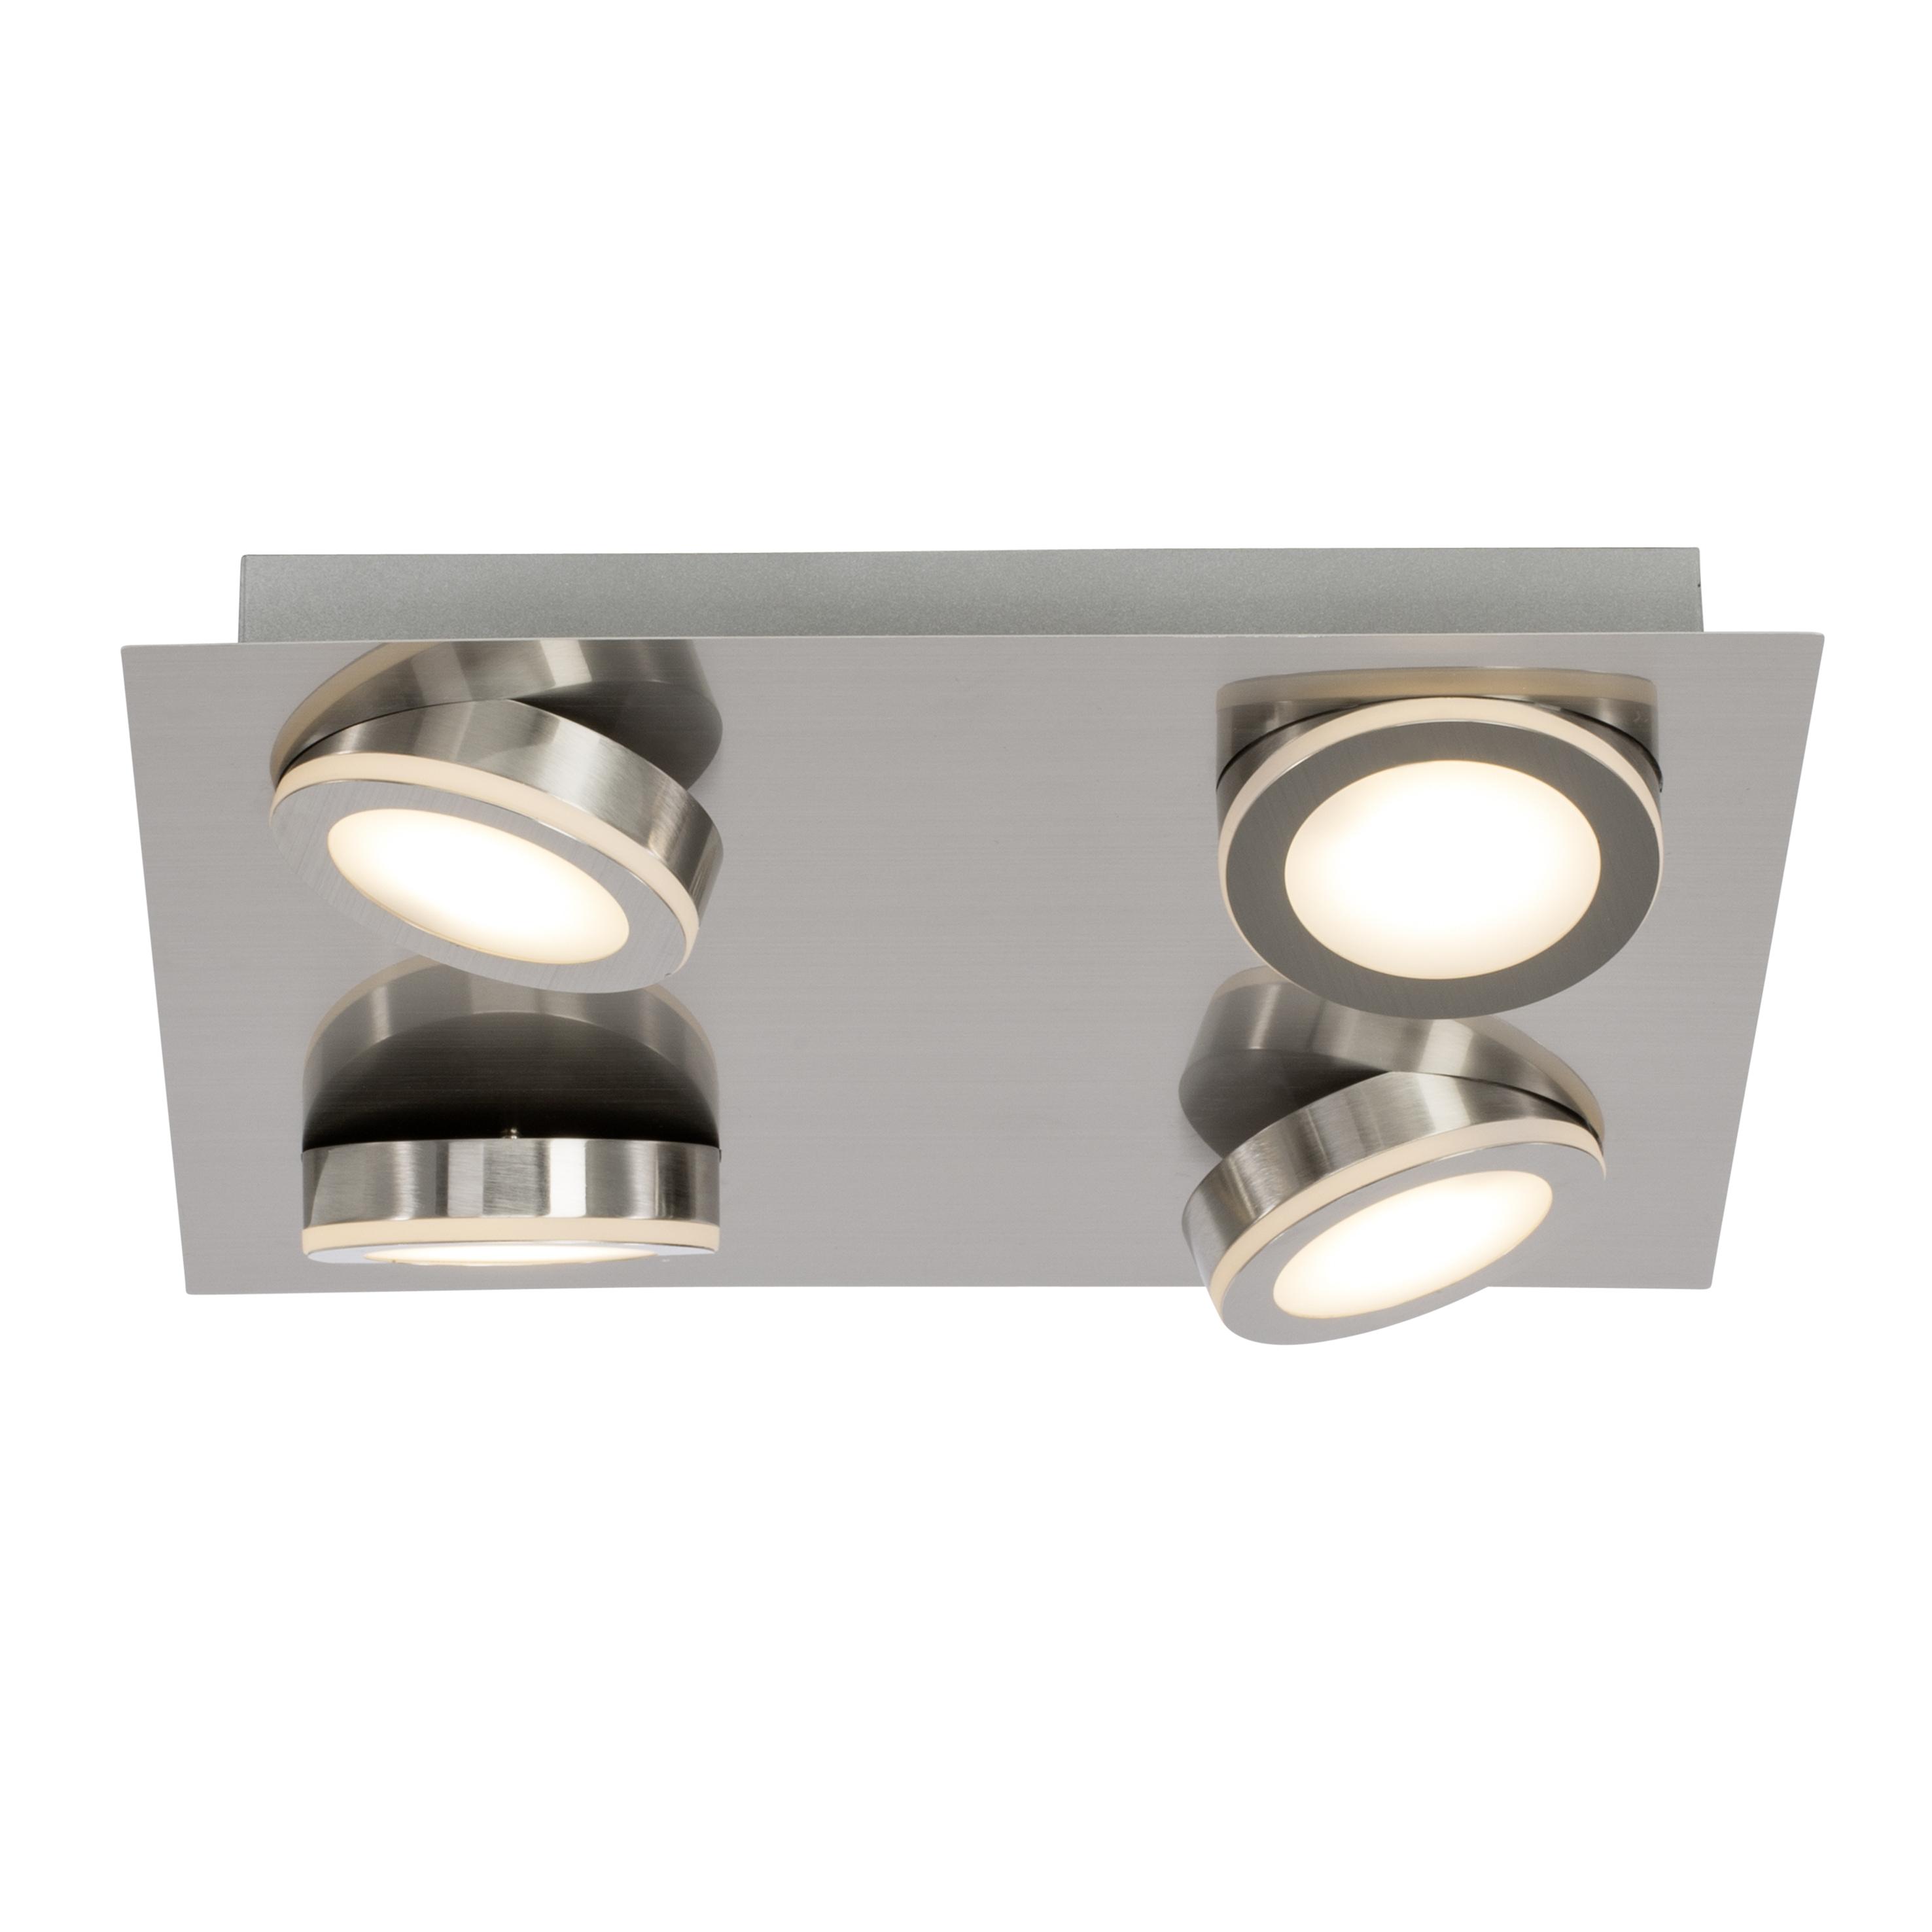 Brilliant Leuchten Champion LED Deckenleuchte 4flg Quadrat eisen